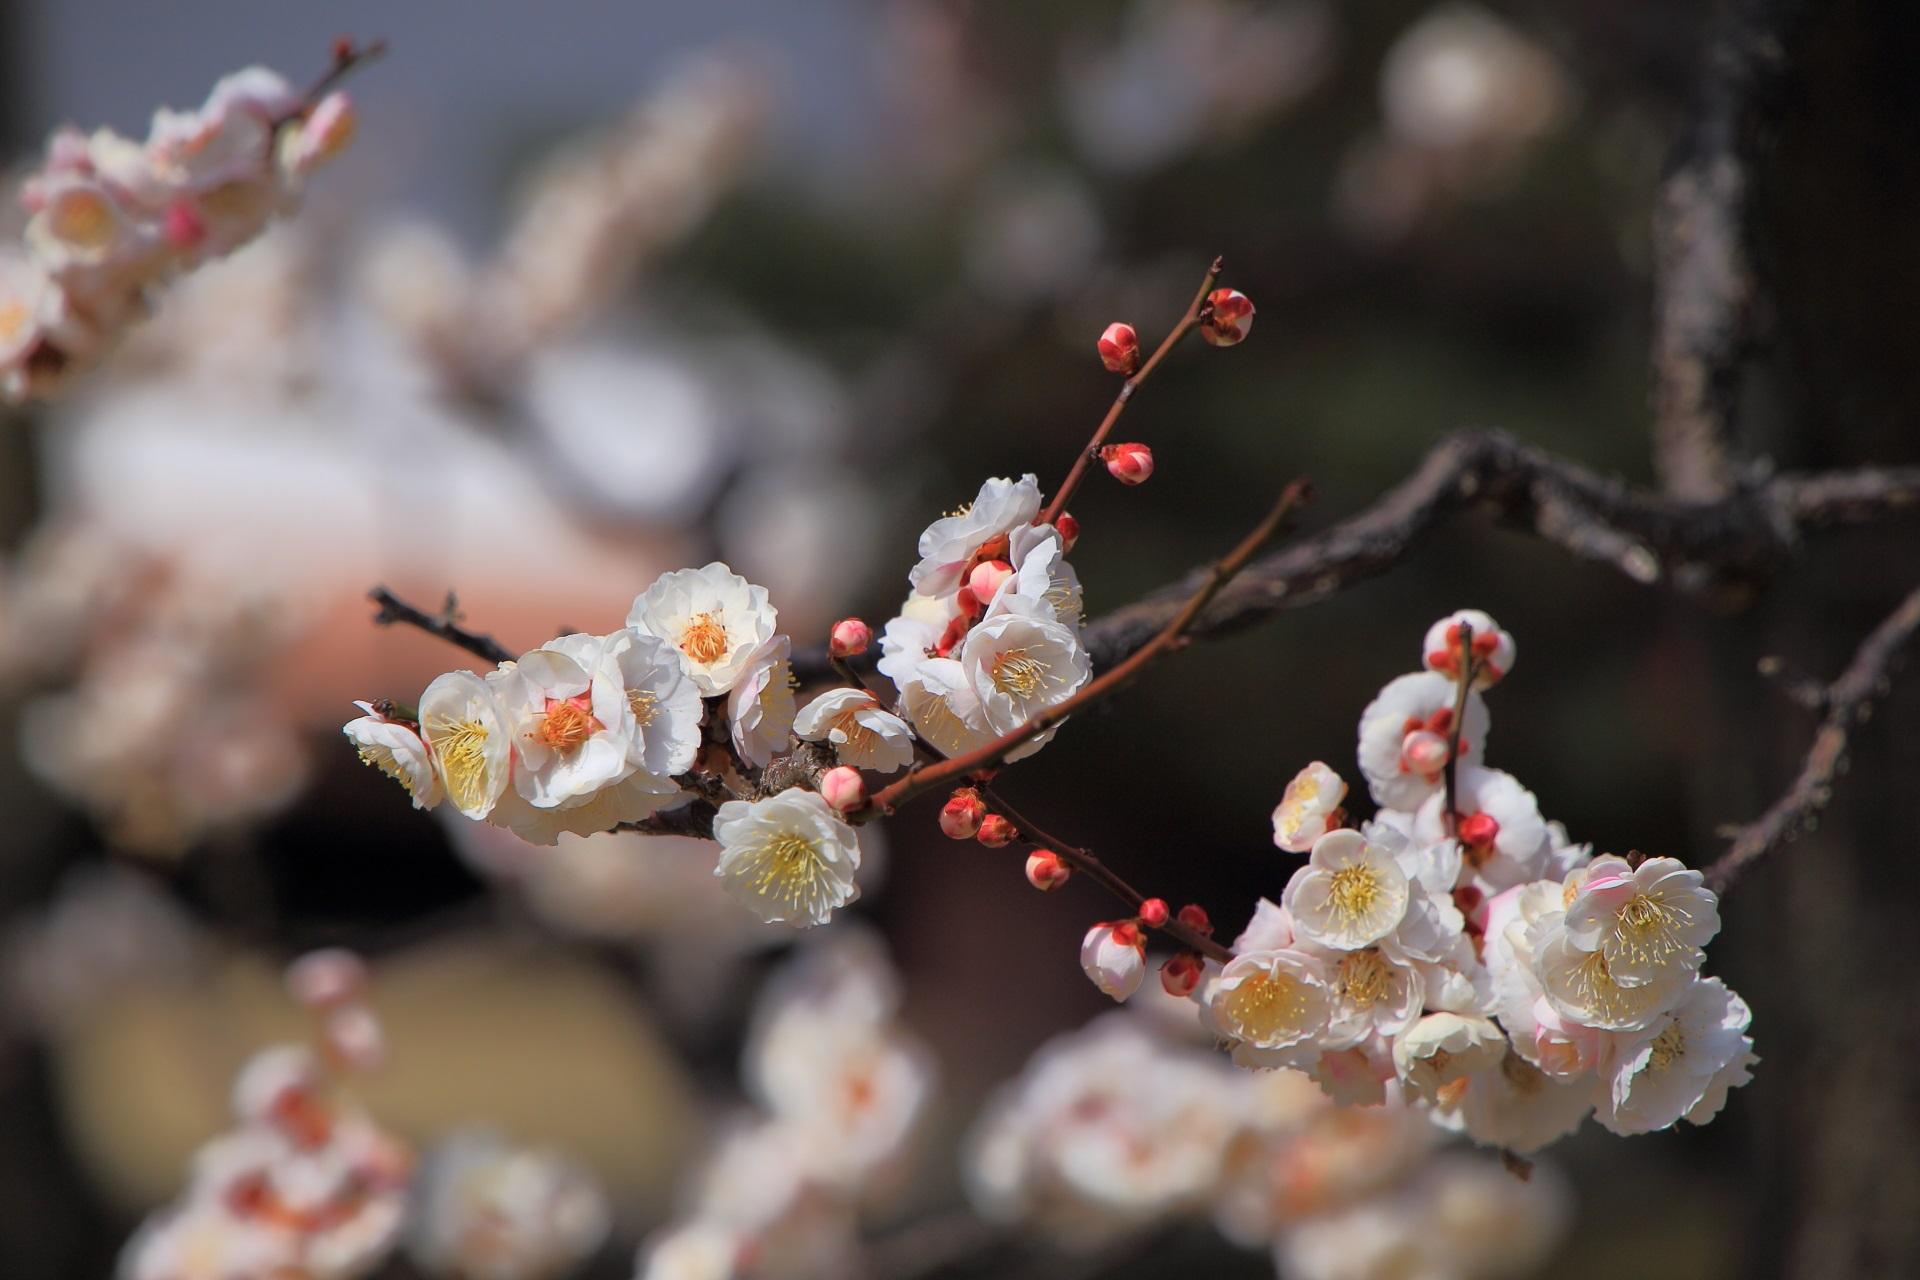 一輪ごとに見事な造りの梅の花